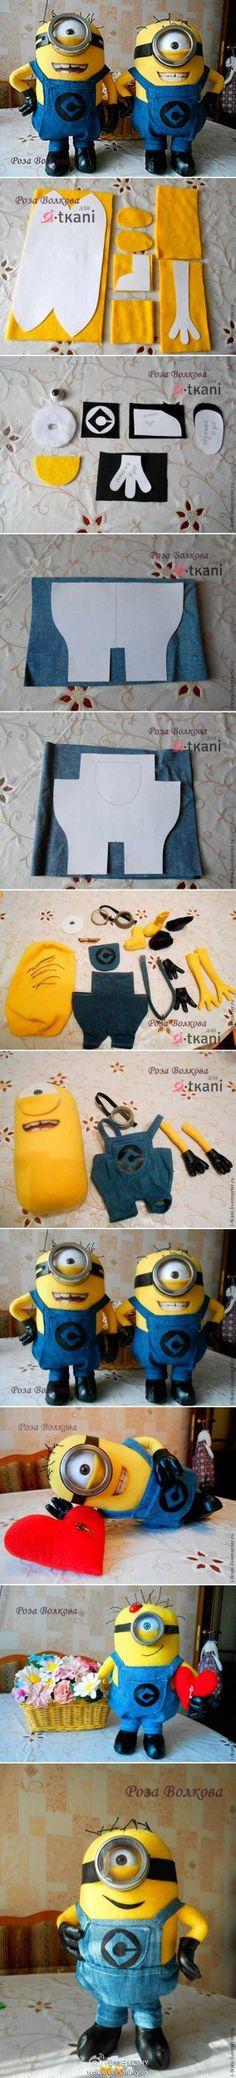 Minion diy just pictures but very cute 最爱的小黄人!!图片来自网络——更多有趣内容,请关注美好创意DIY (http://t.cn/zOR4l2D)